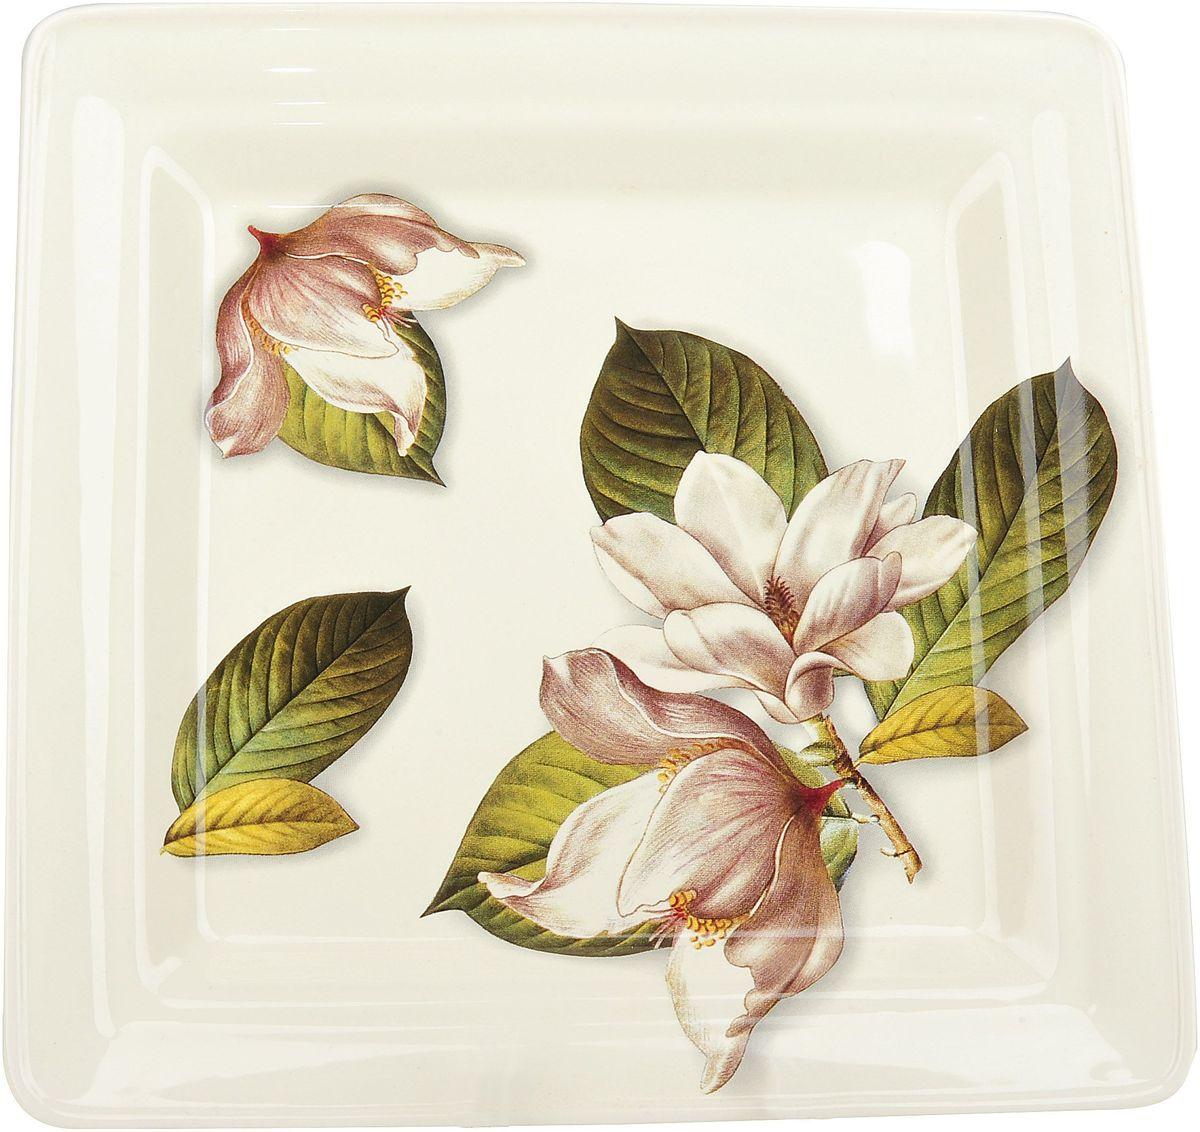 Тарелка квадратная ENS Group Танго Магнолия, 29 х 29 см1571460Тарелка ENS Group Танго Магнолия, изготовленная из высококачественного доломита, предназначена для красивой подачи различных блюд. Изделие декорировано изящным рисунком цветов и имеет изысканный внешний вид. Такая тарелка украсит сервировку стола и подчеркнет прекрасный вкус хозяйки.